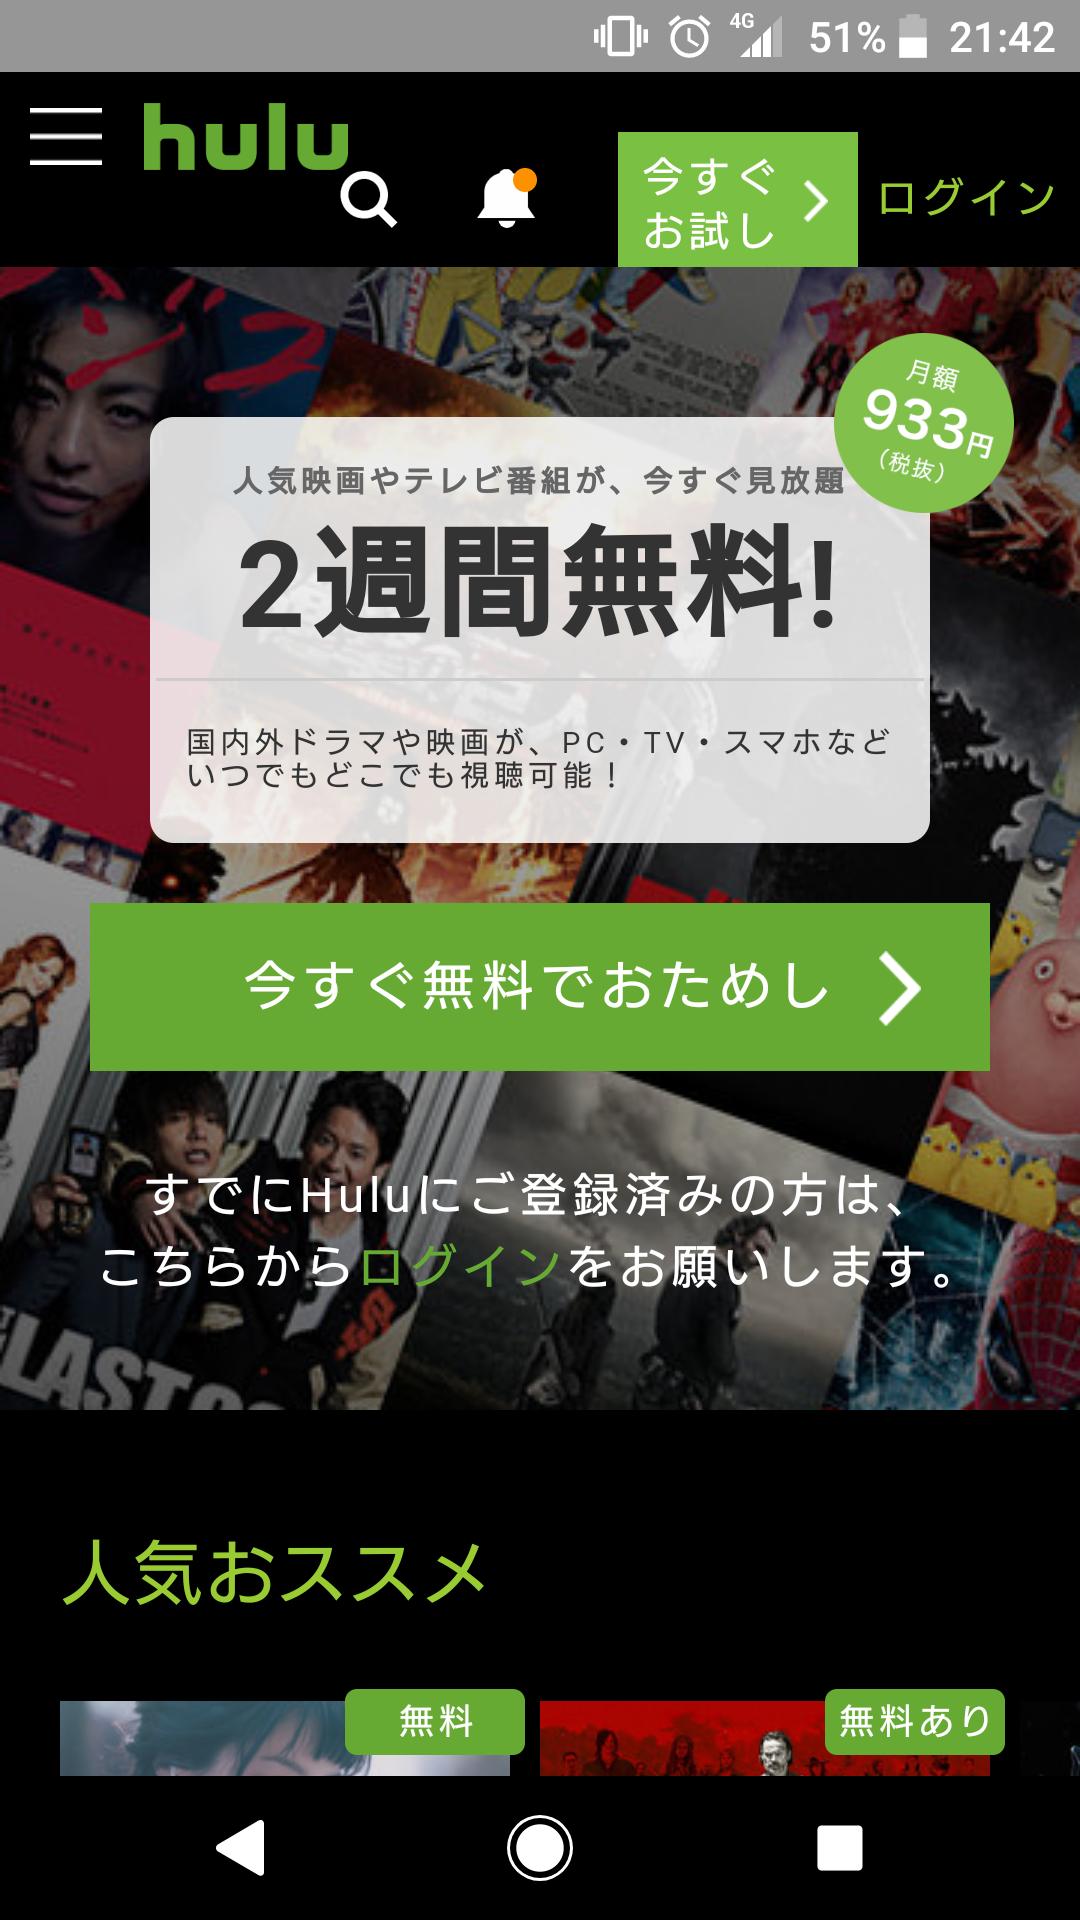 Huluは2週間無料で海外ドラマがダウンロードできる